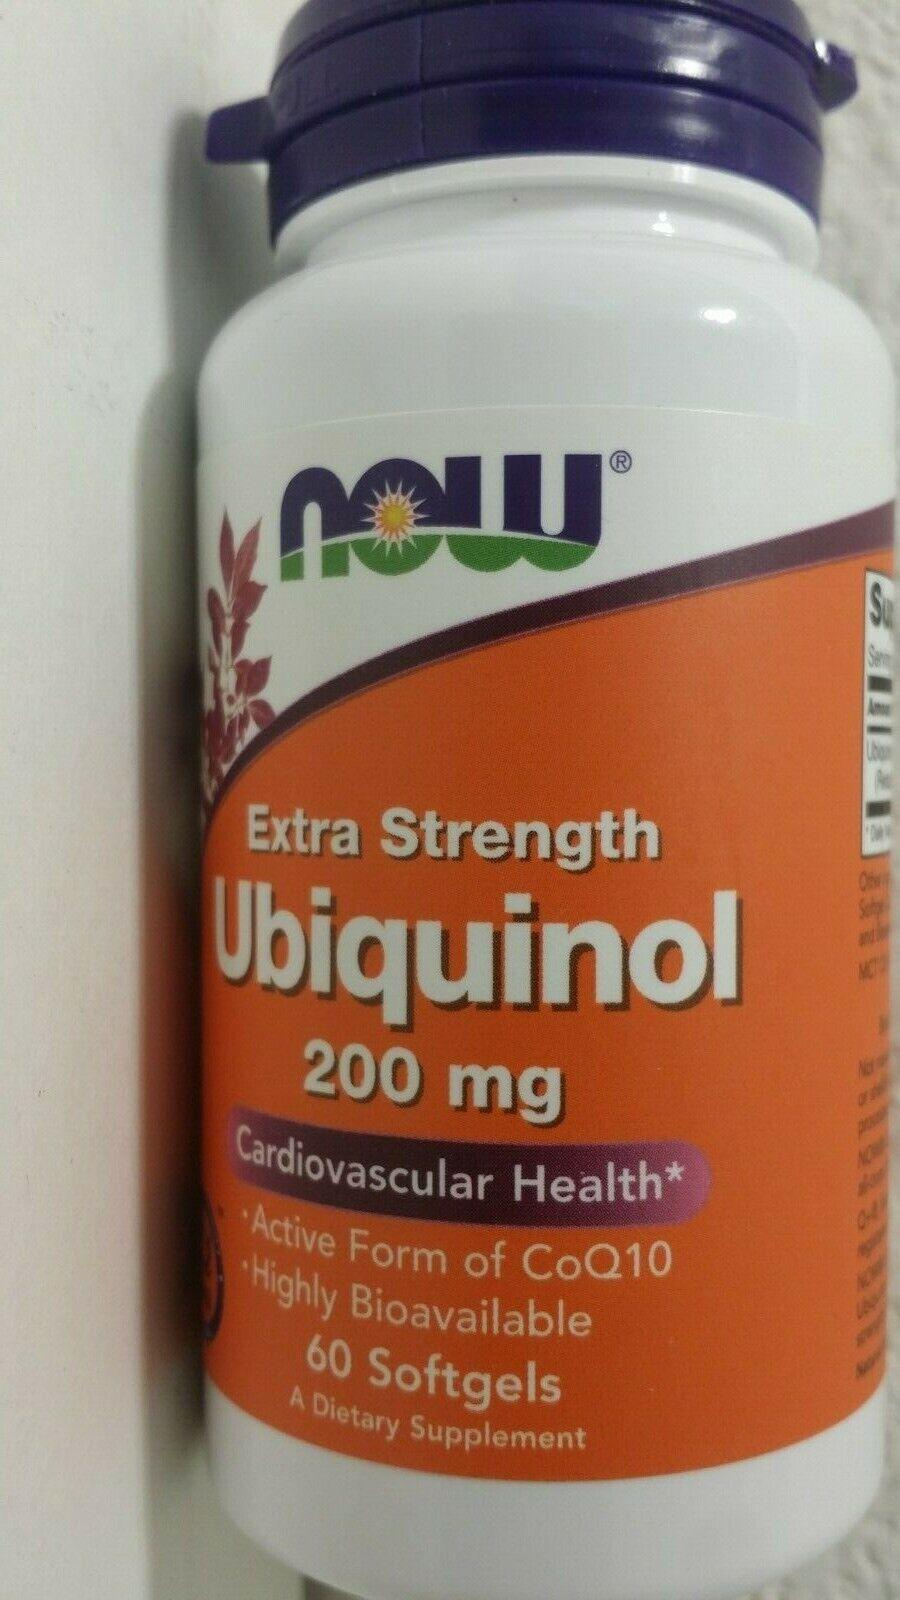 NOW Ubiquinol 200 mg,60 Softgels